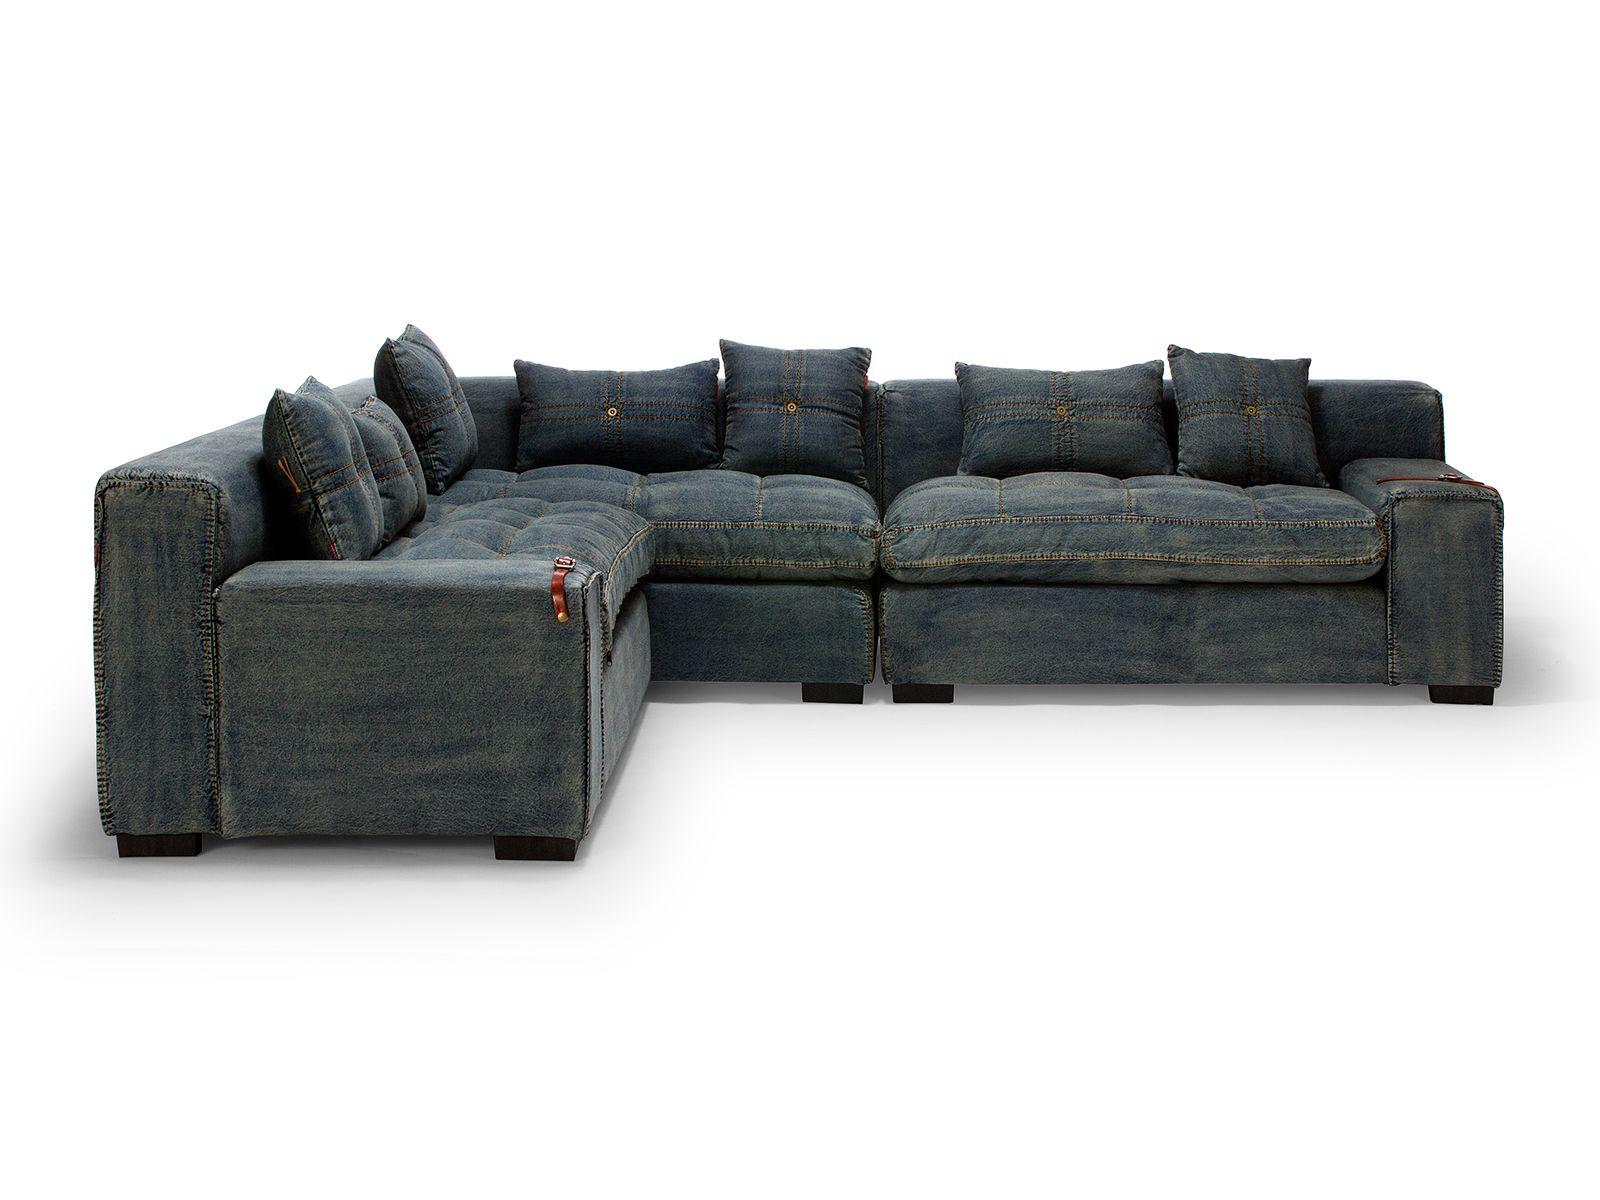 Canapé d angle LIVINGSTON en tissu jeans bleu Kasia